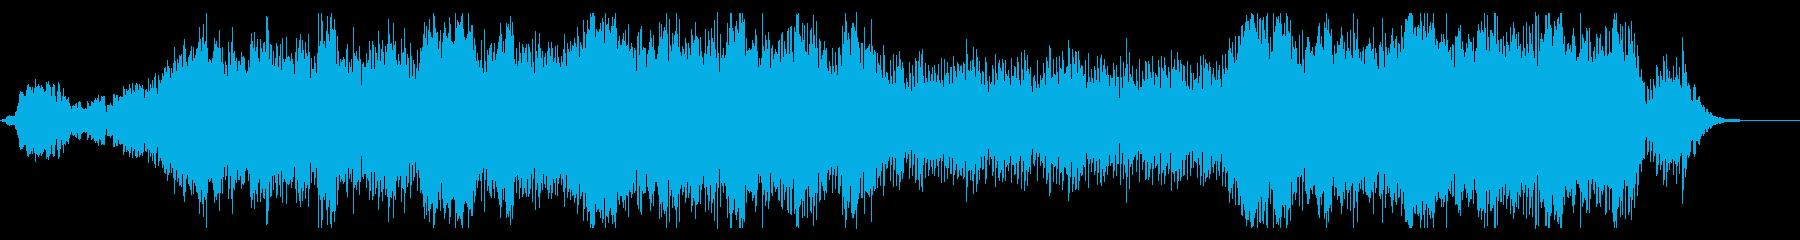 オーケストラ・エピック・静寂・神秘的の再生済みの波形